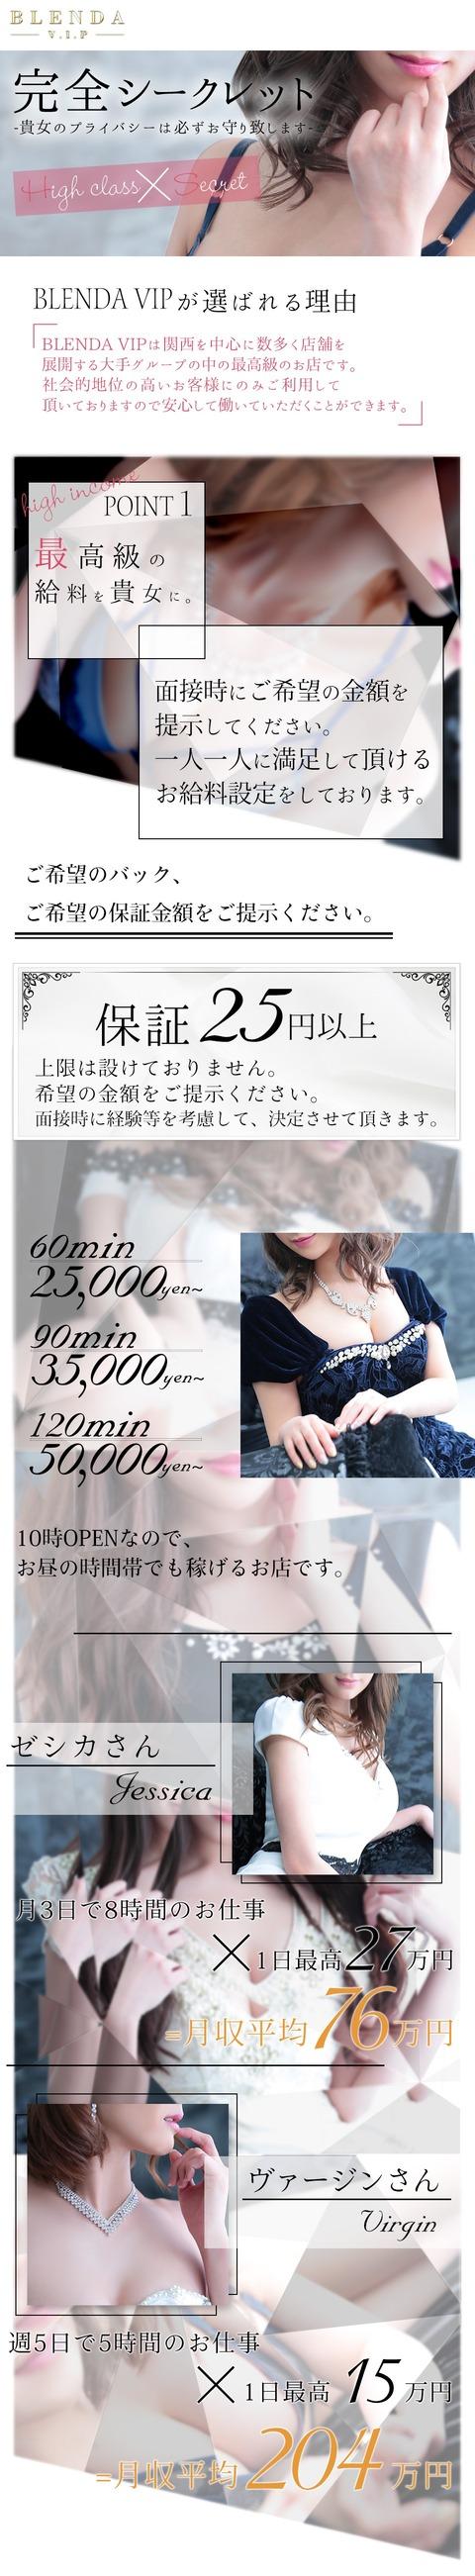 heaven-blvip_lp_01b1